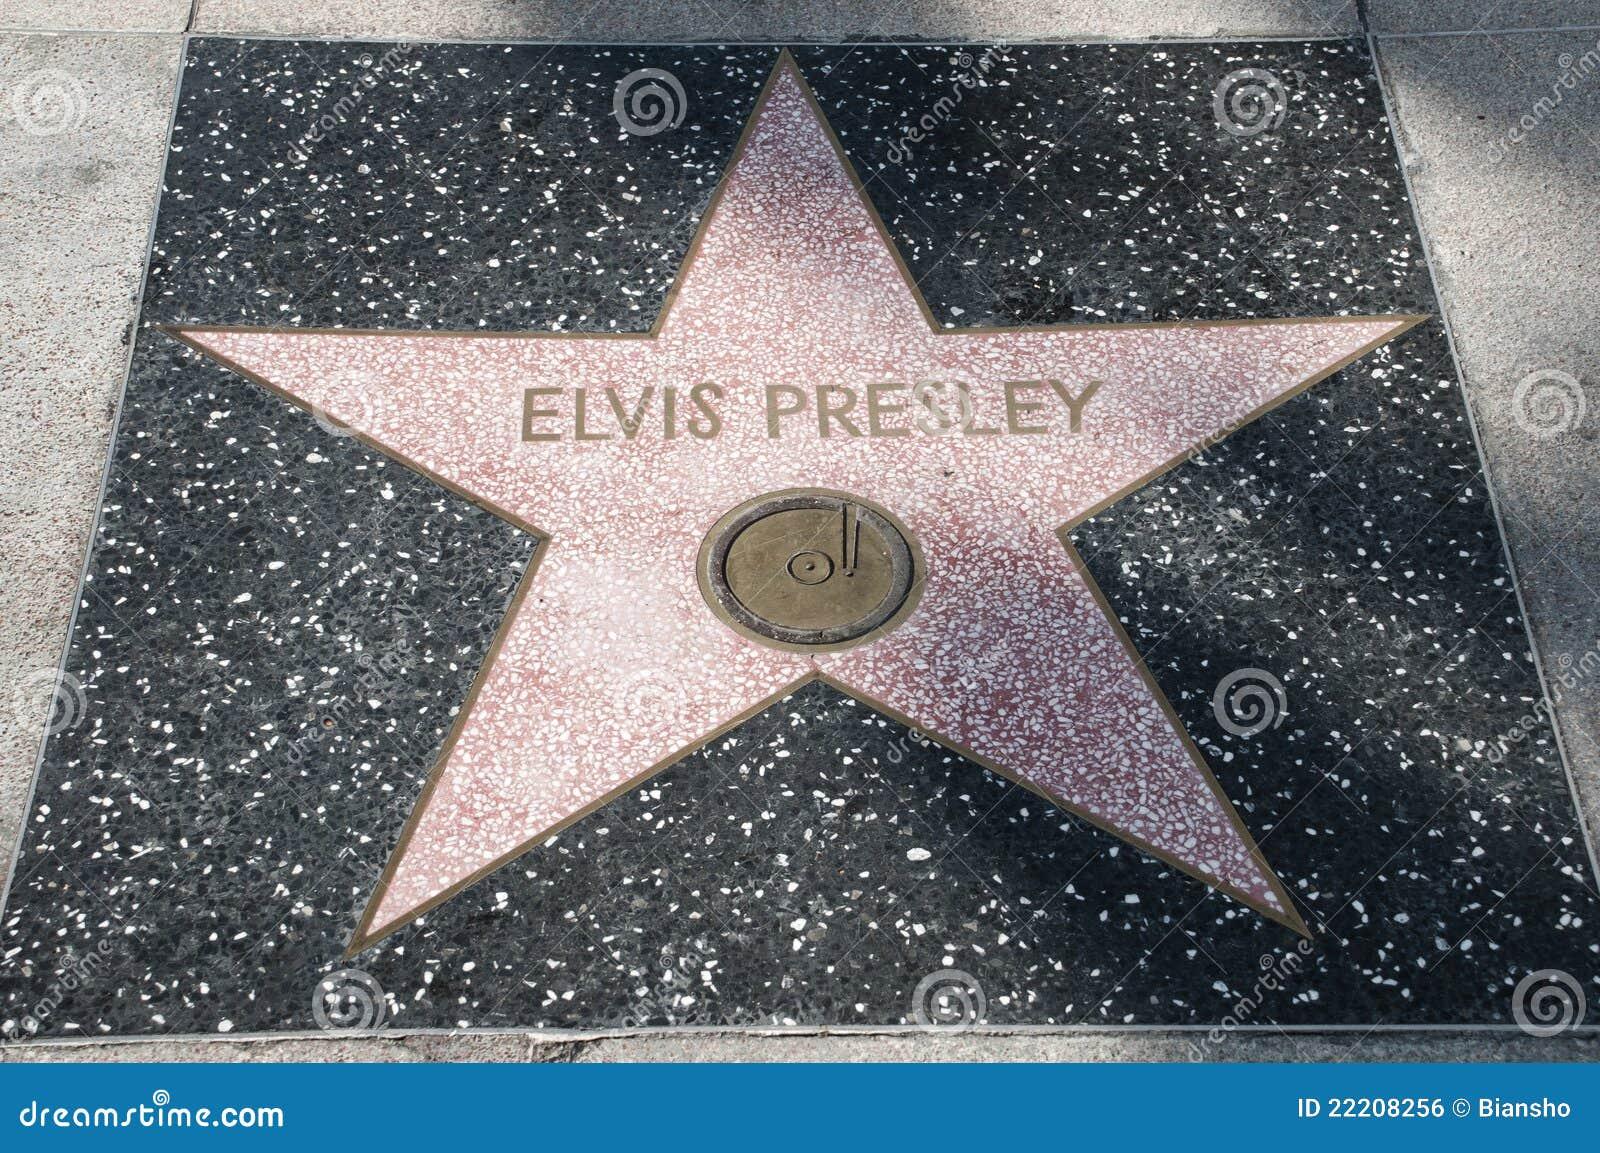 Elvis Presley-Stern